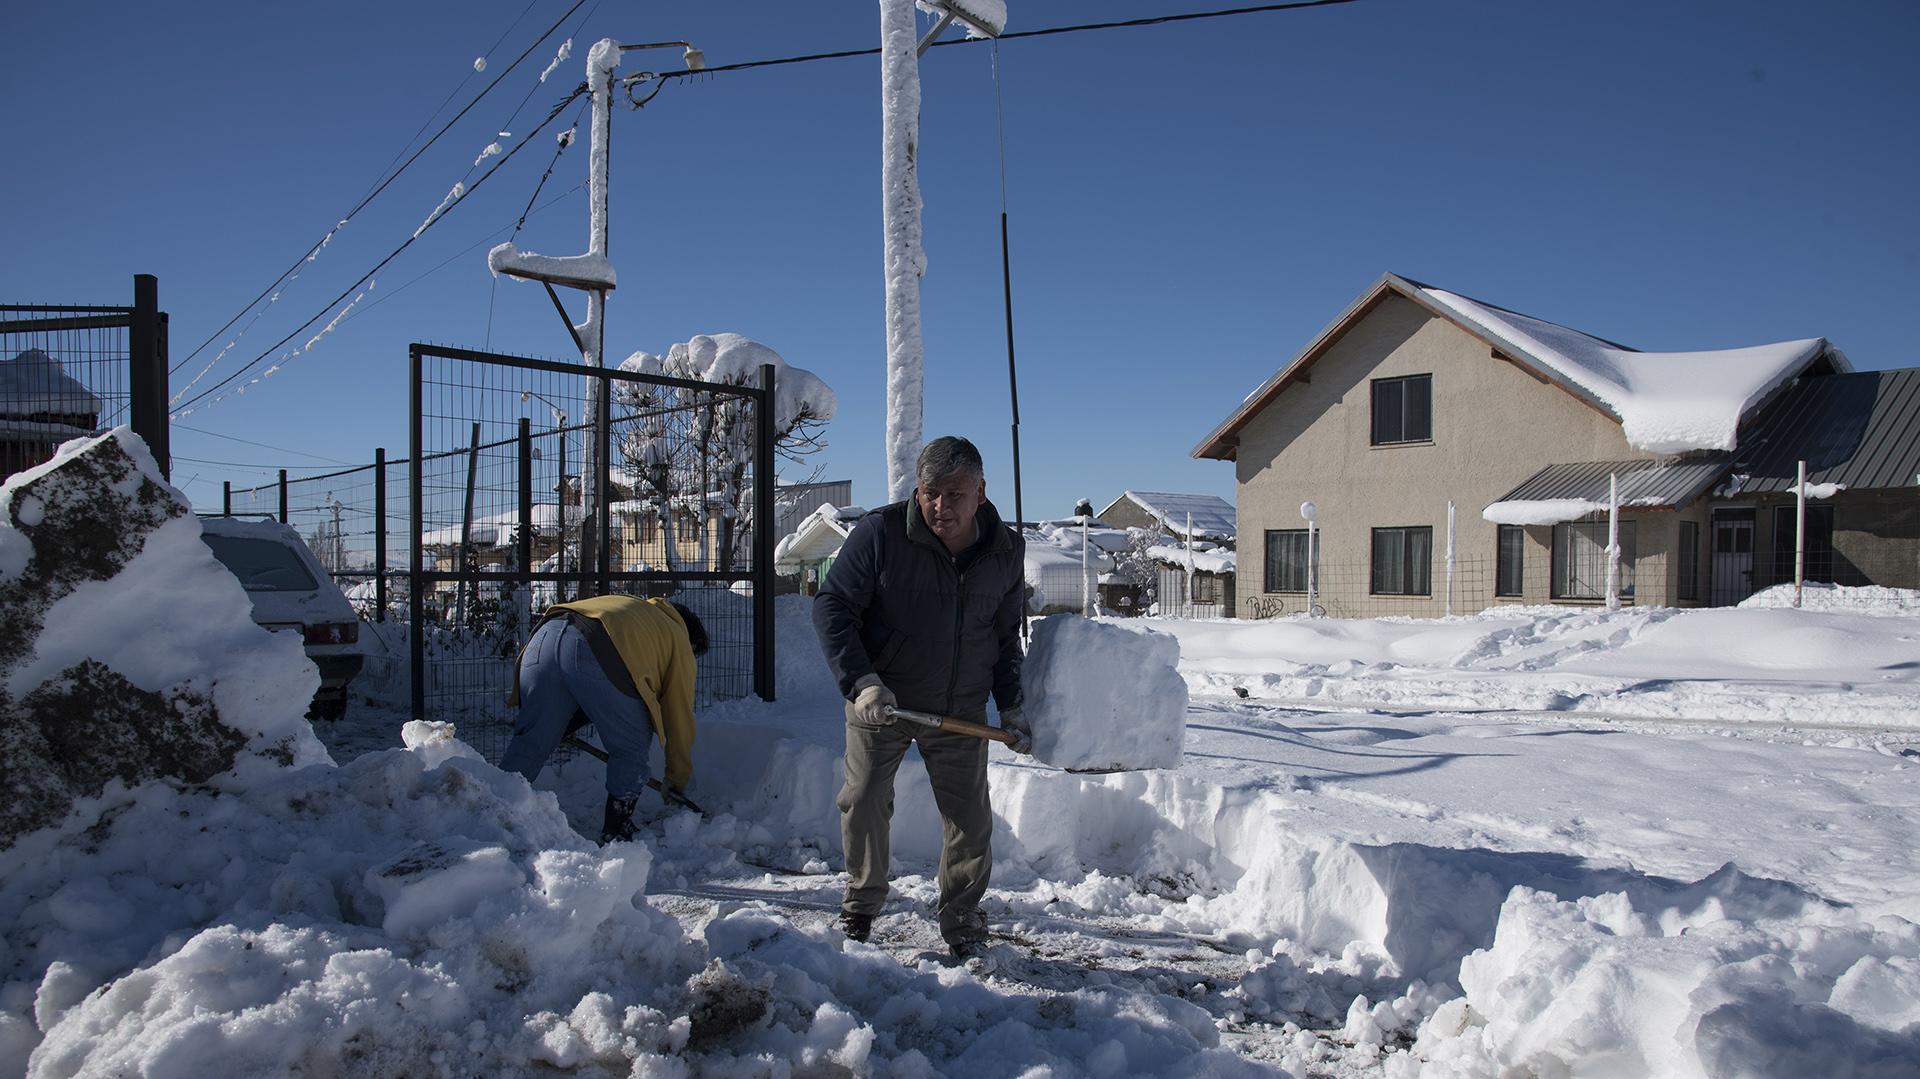 Tras la nevada, el arduo trabajo de remover la nieve